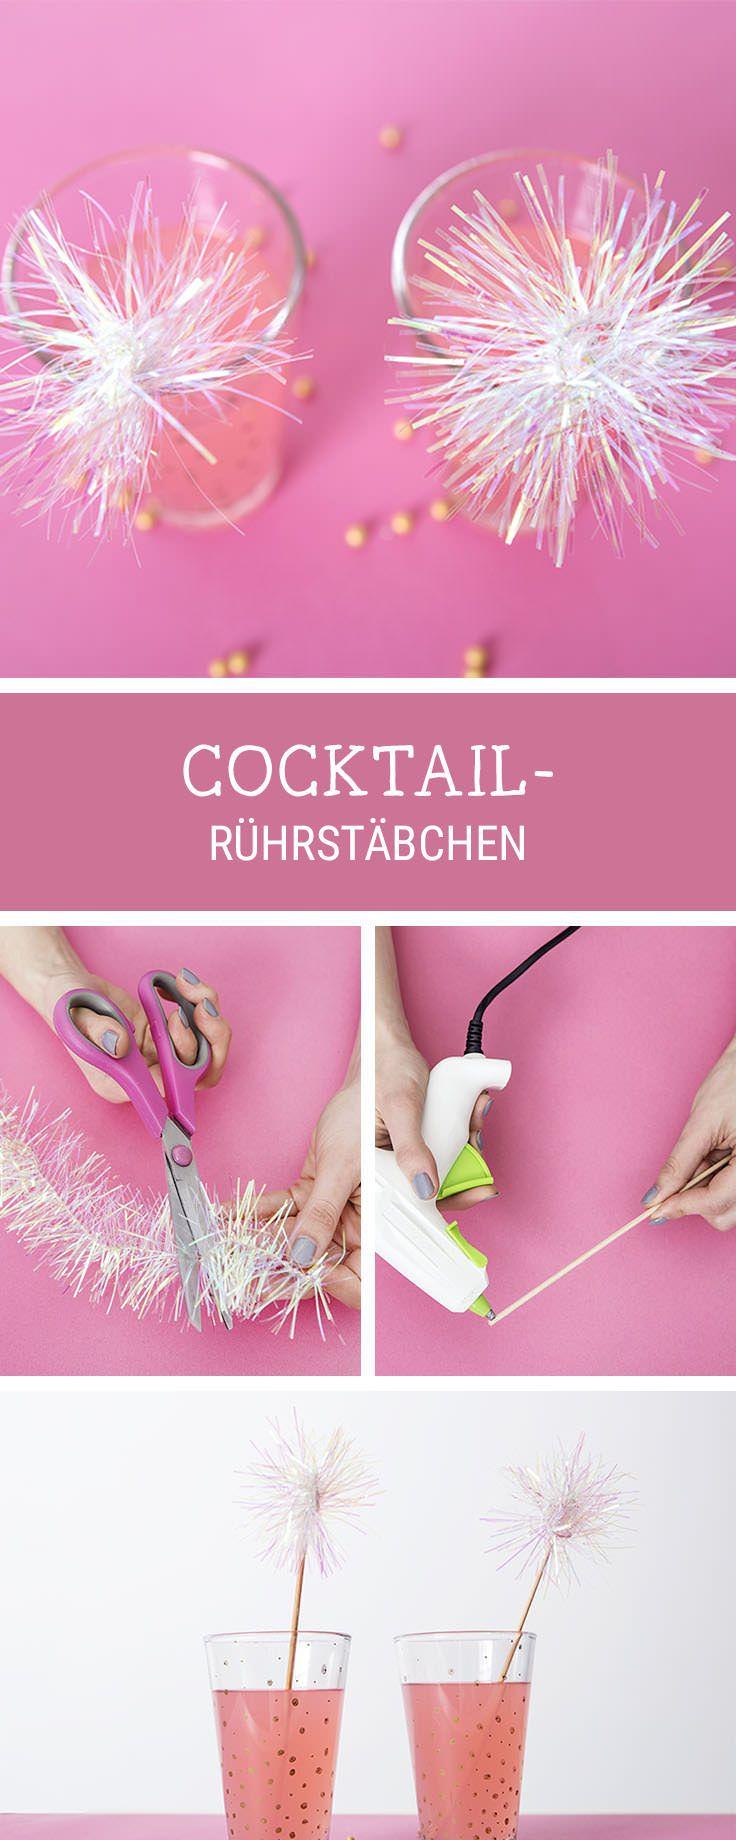 Mehr Glamour für Deine Party mit süßen Cocktail-Rührstäbchen, Partydeko / party decoration: make your cocktails even more fancy via DaWanda.com